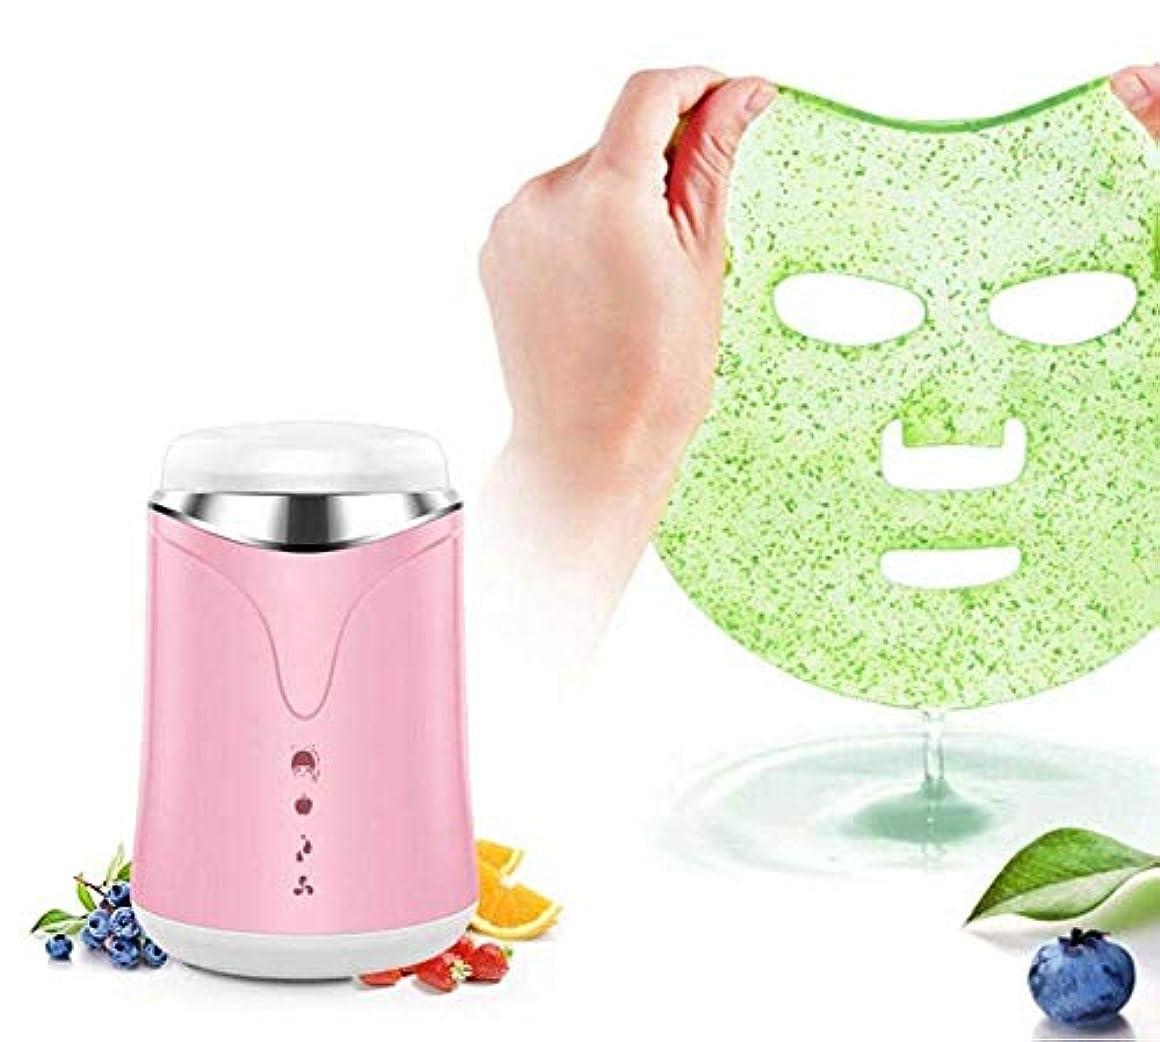 ソブリケット社会蜜果物と野菜のマスクを作るマシン、顔の汽船インテリジェント自動フェイシャルケア機器/保湿美容機器自家製の液体マスク,Pink